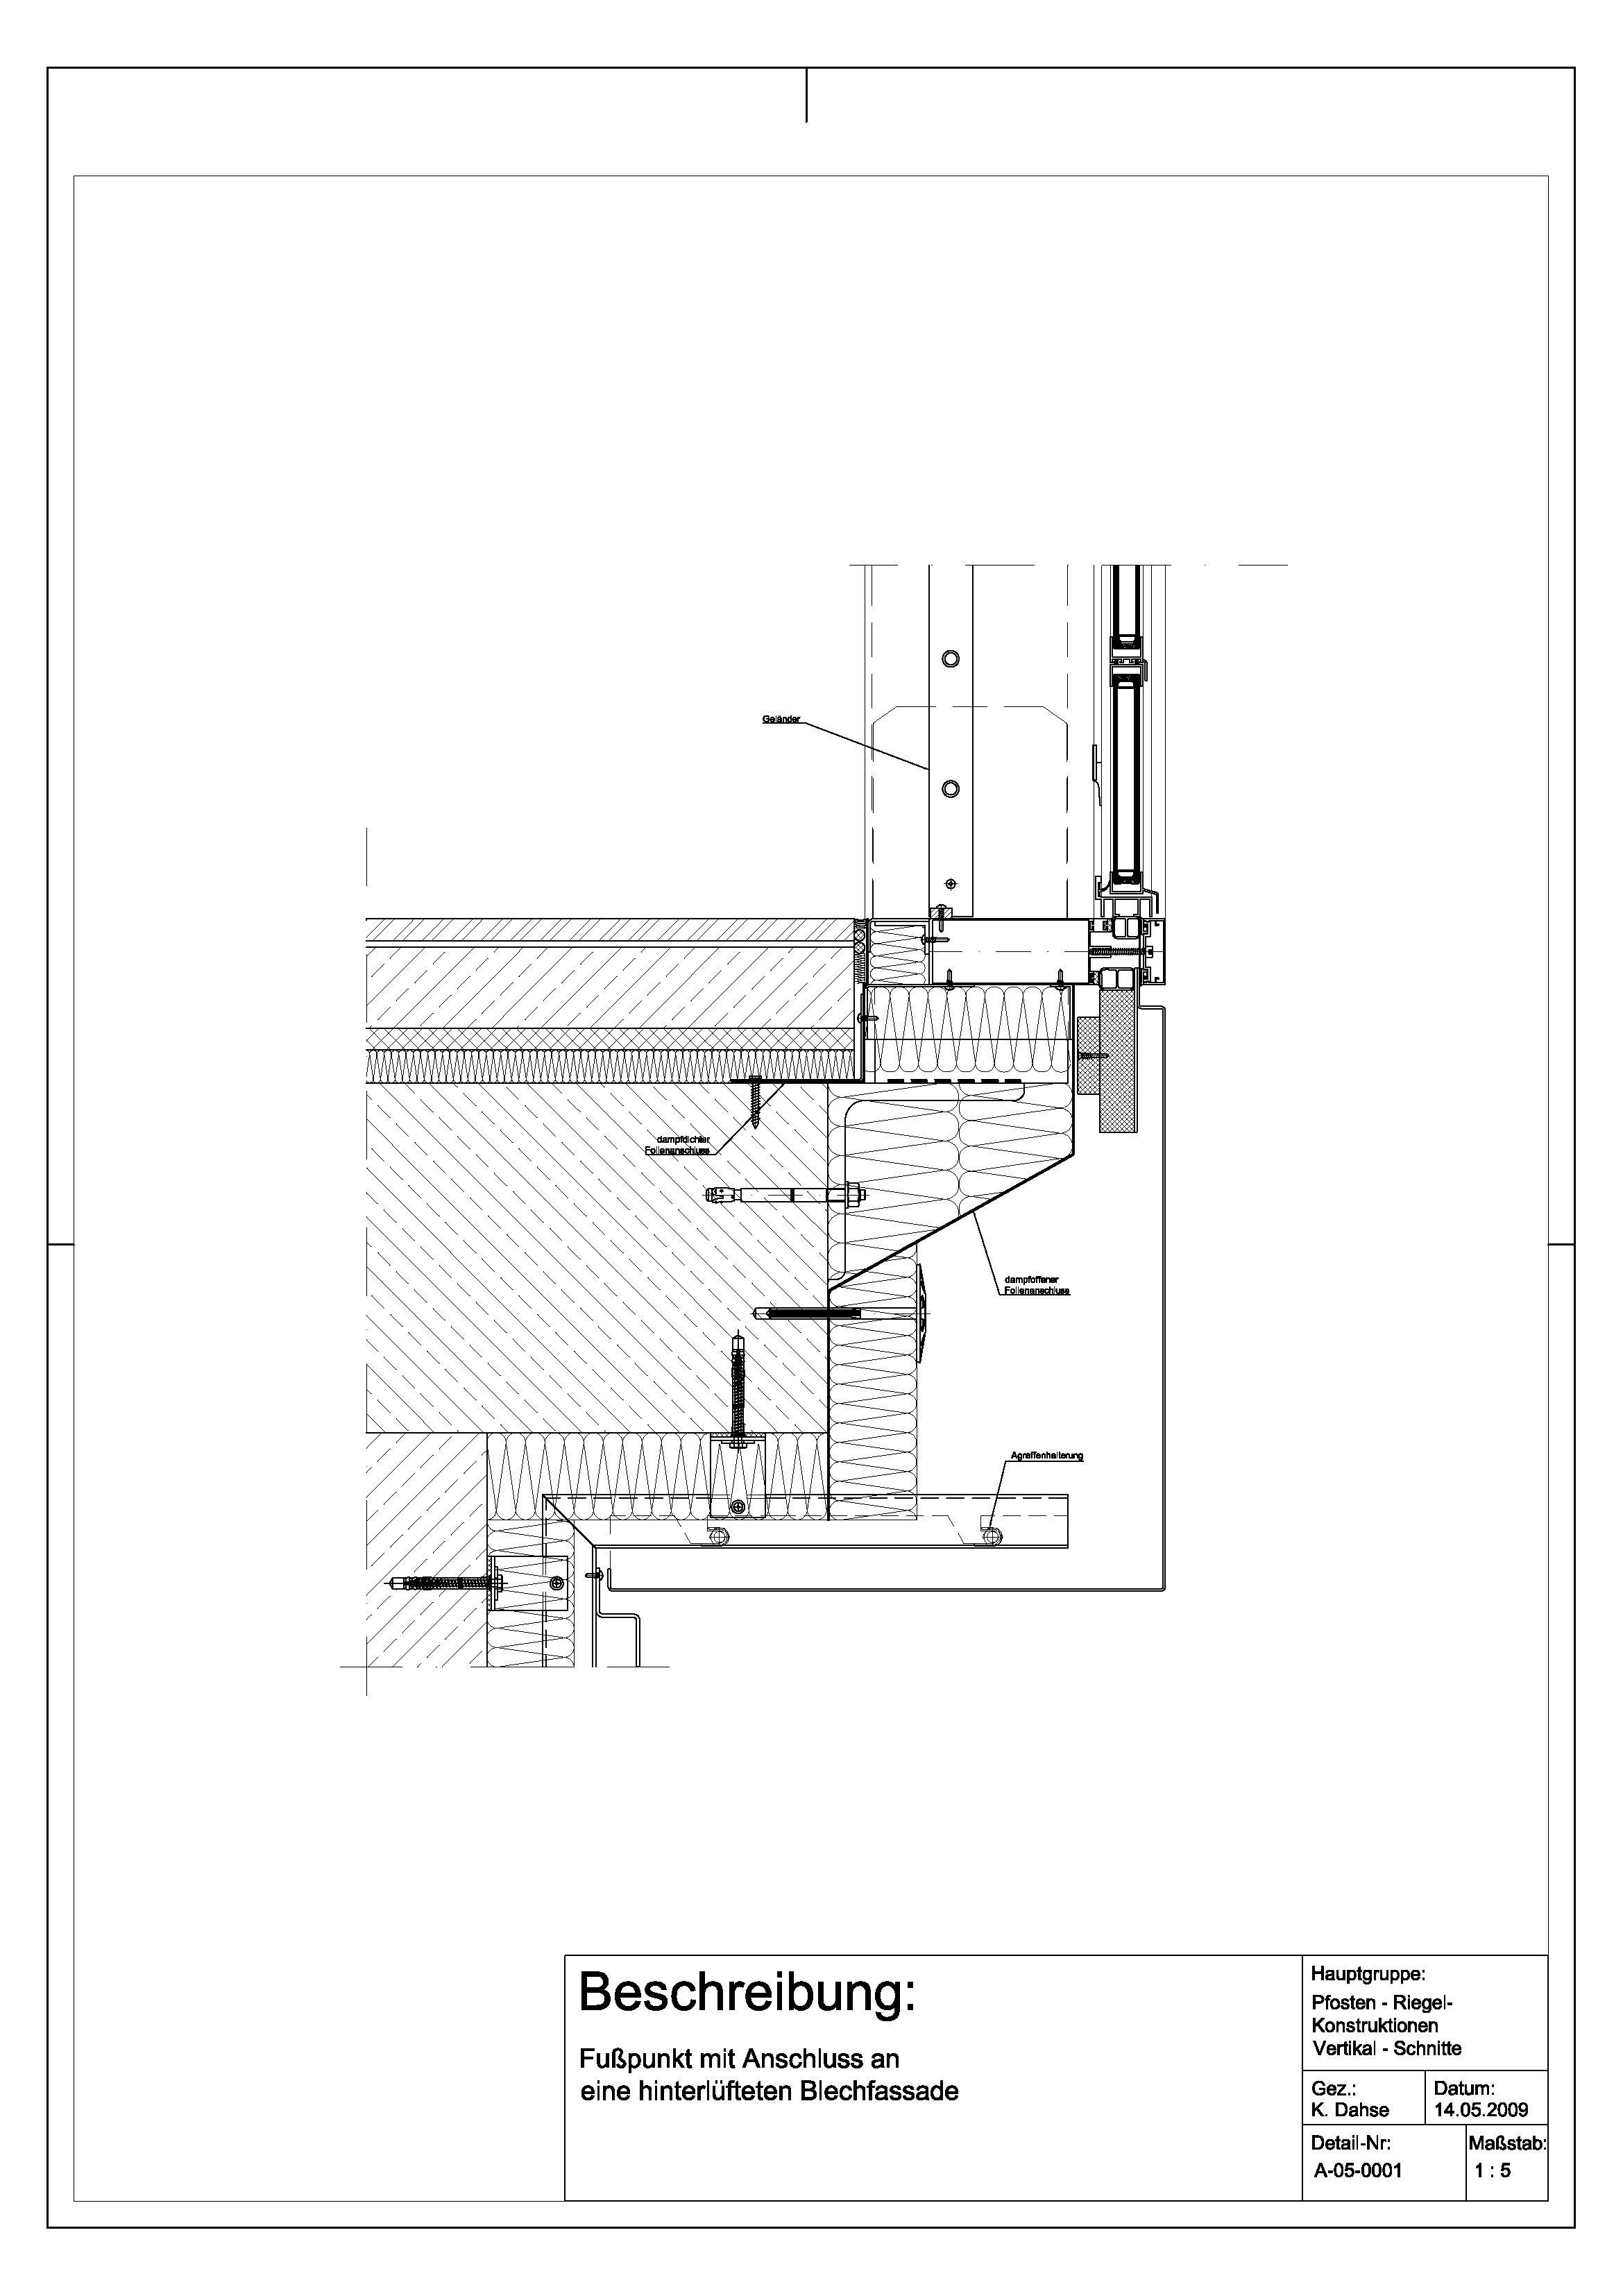 a 05 0001 fu punkt mit anschluss an hinterl ftete blechfassade details pinterest. Black Bedroom Furniture Sets. Home Design Ideas